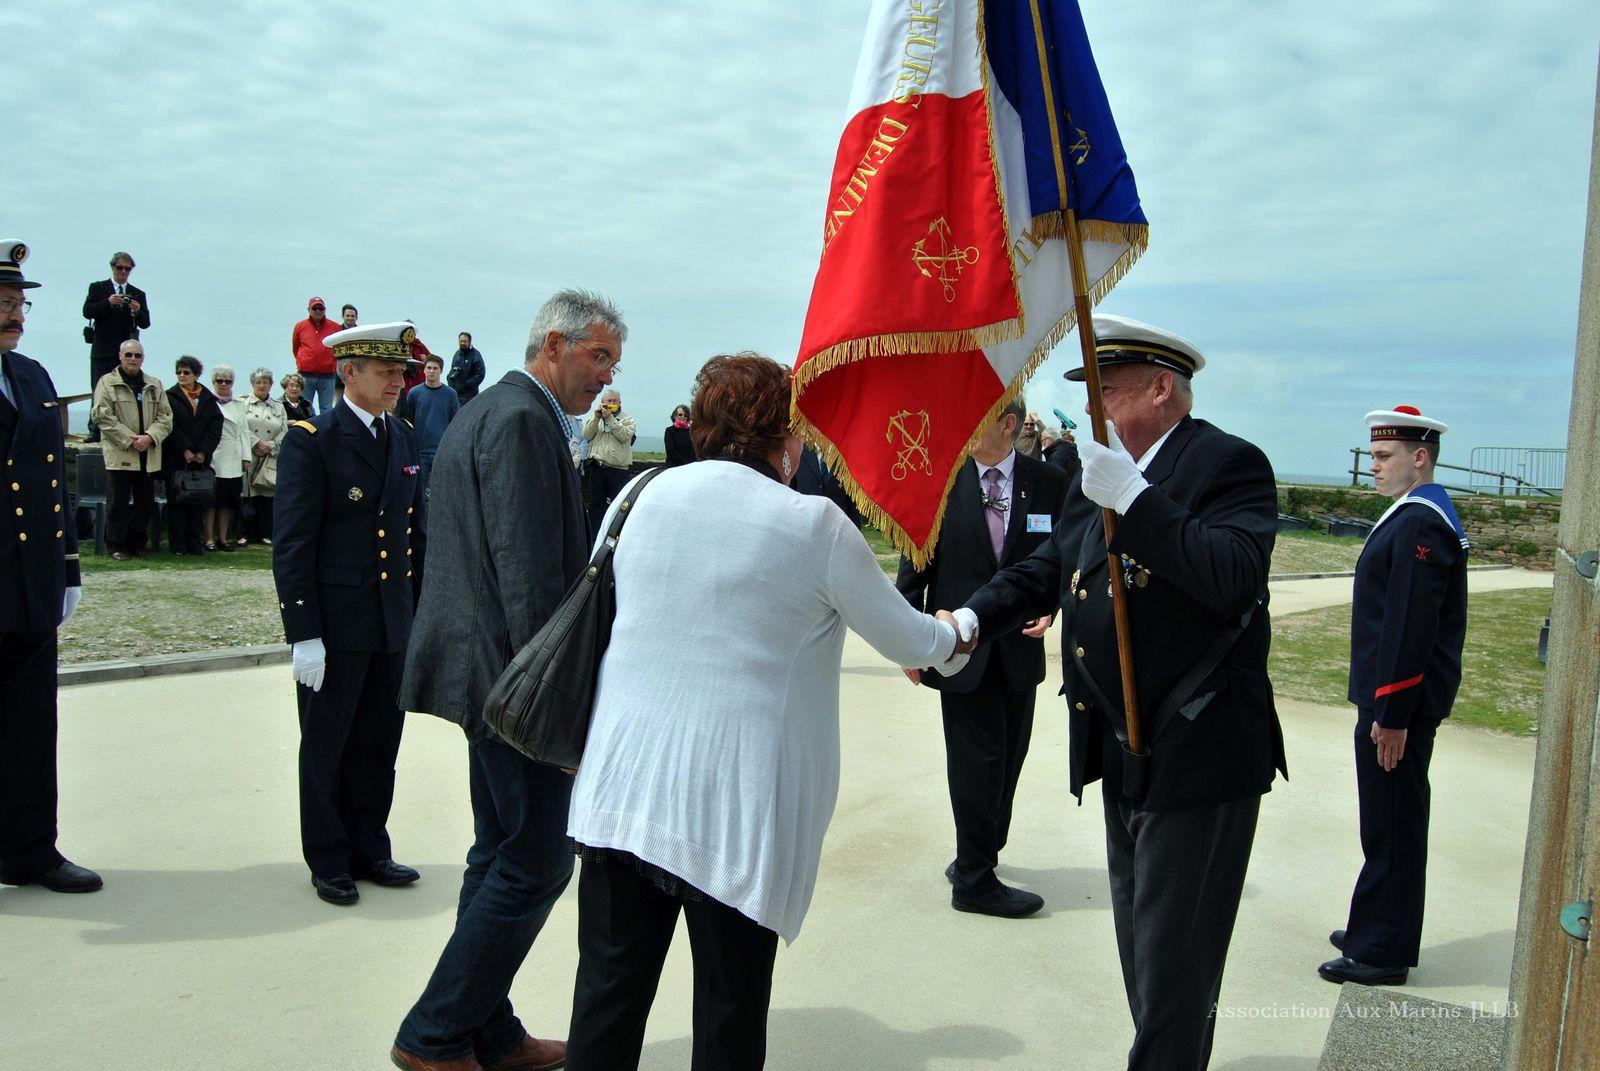 10 mai 2013-Inauguration de l'exposition et cérémonie consacrée à la mémoire des marins et des personnels civils de la frégate Laplace morts pour la France le 16 septembre 1950.Photographies : Jean-Luc Le Bris